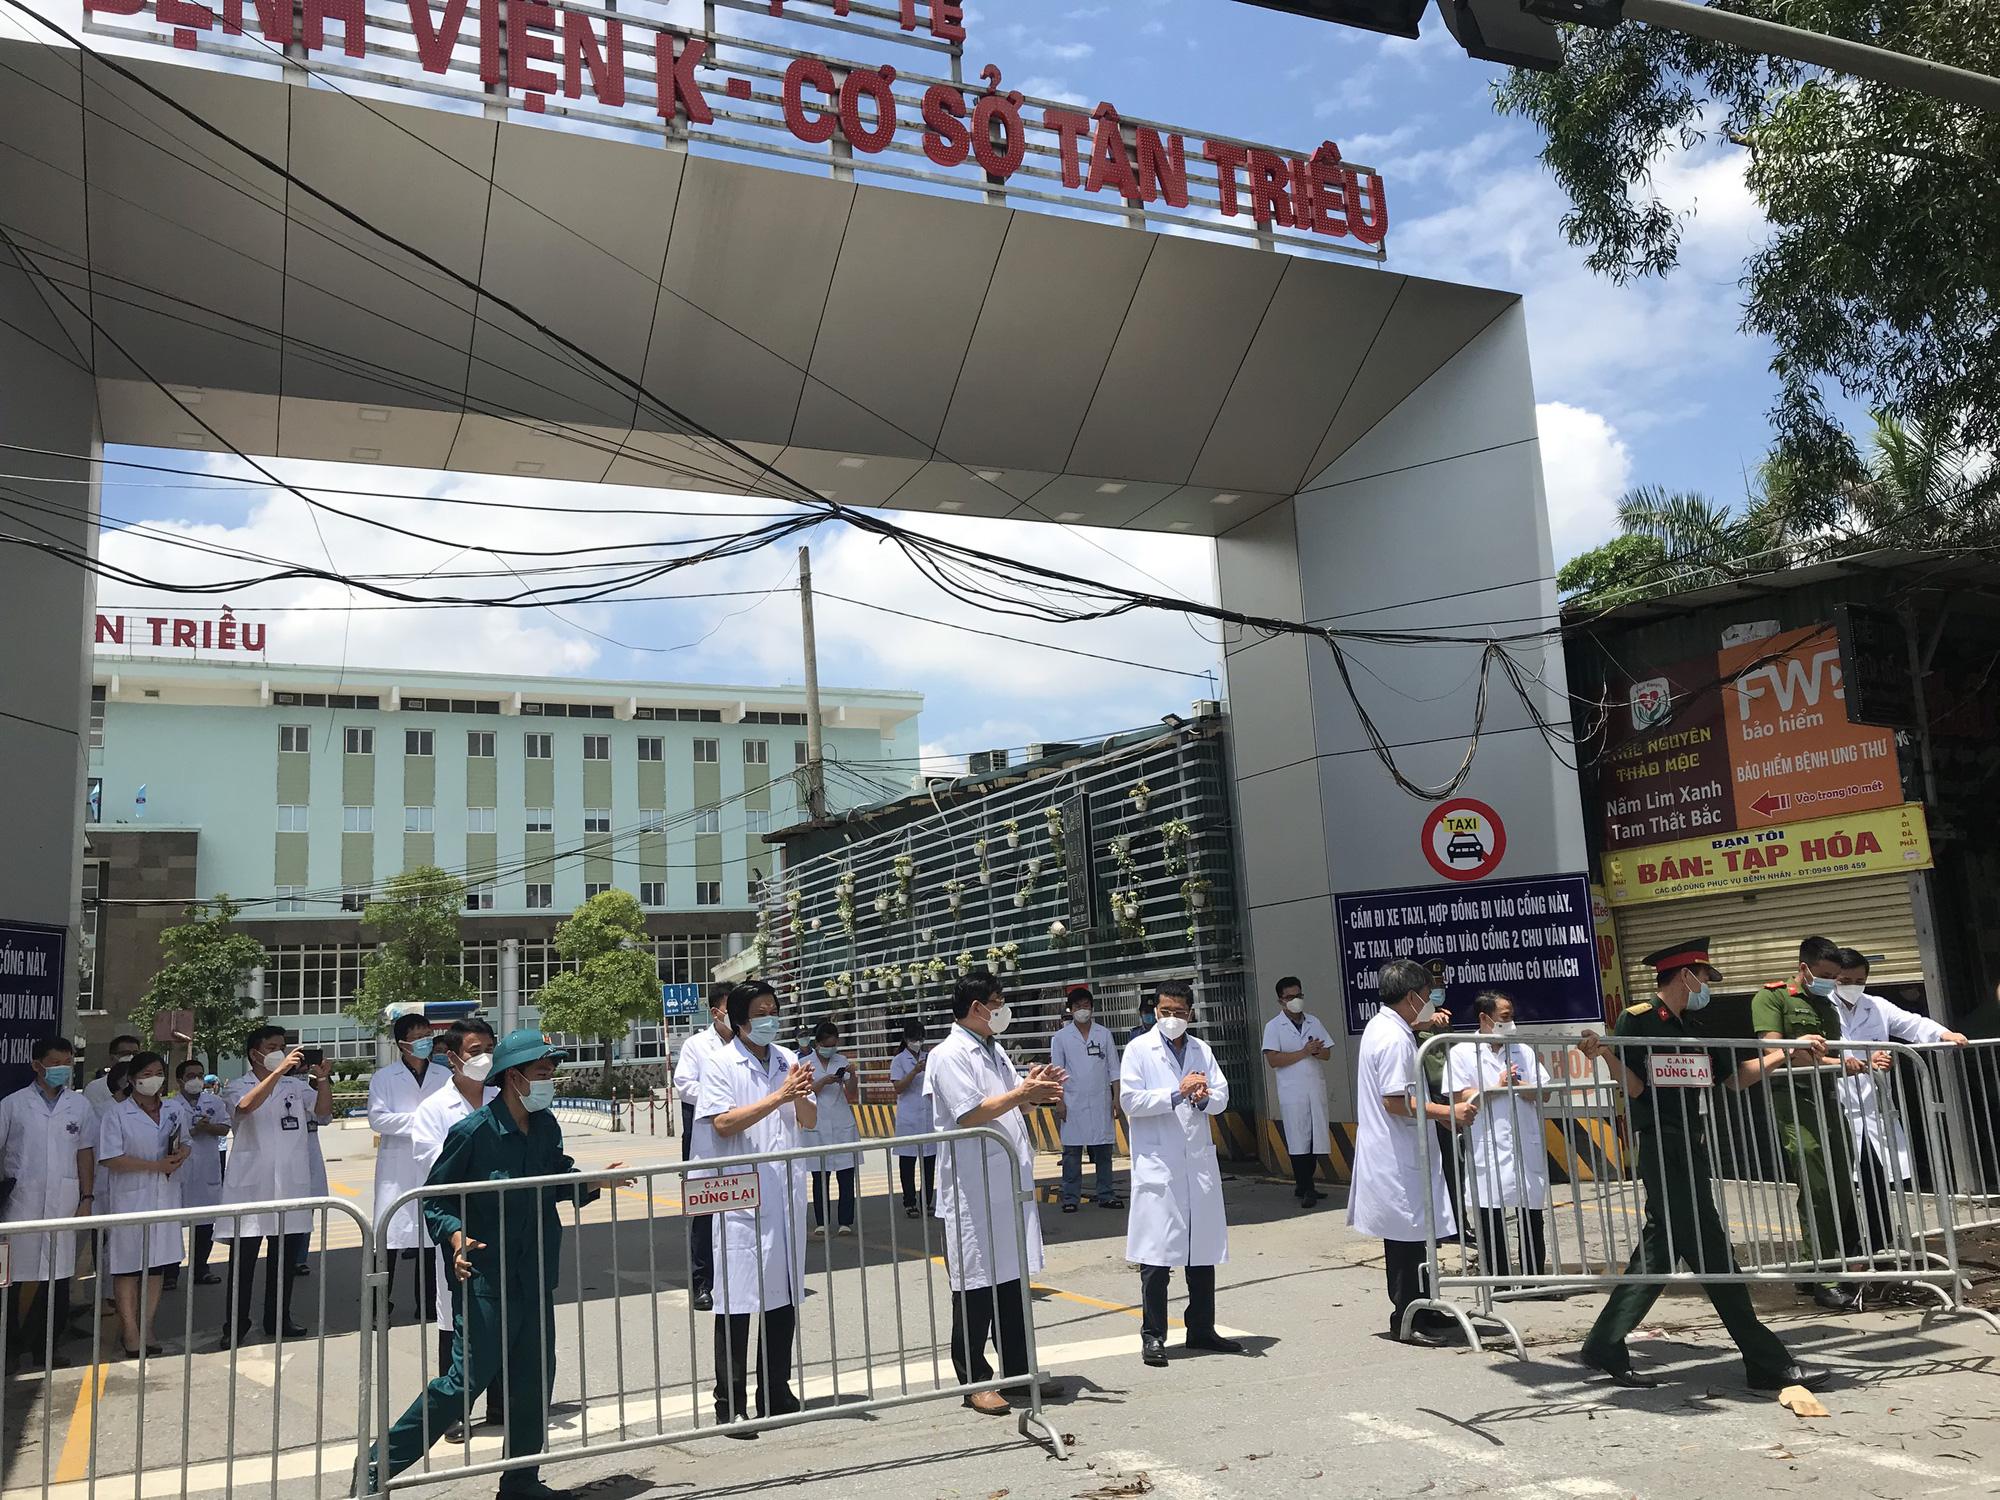 Diễn biến dịch ngày 14/6: 179 bệnh nhân COVID-19 ở Bắc Giang được xuất viện trong ngày 14/6  - Ảnh 5.